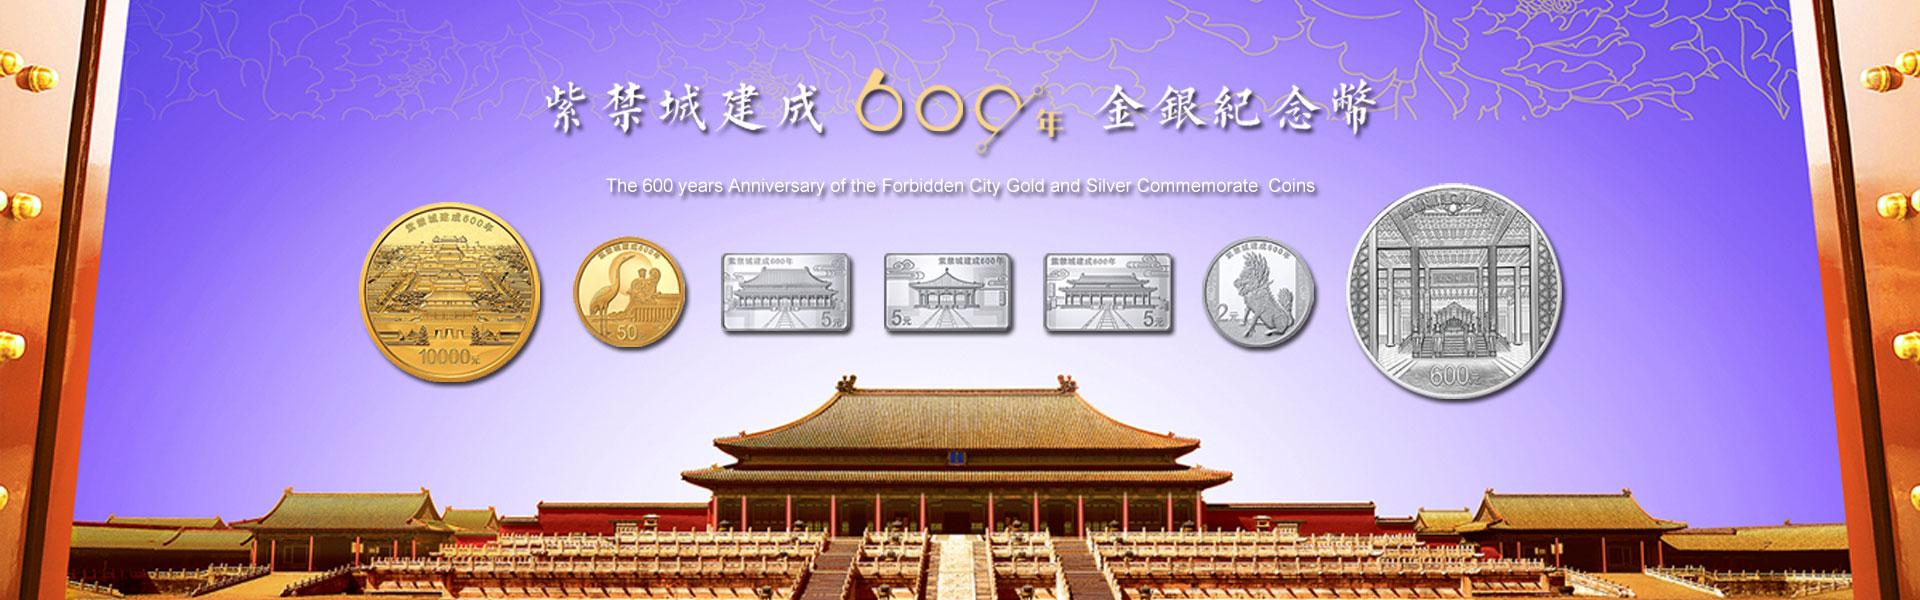 故宫建成600周年